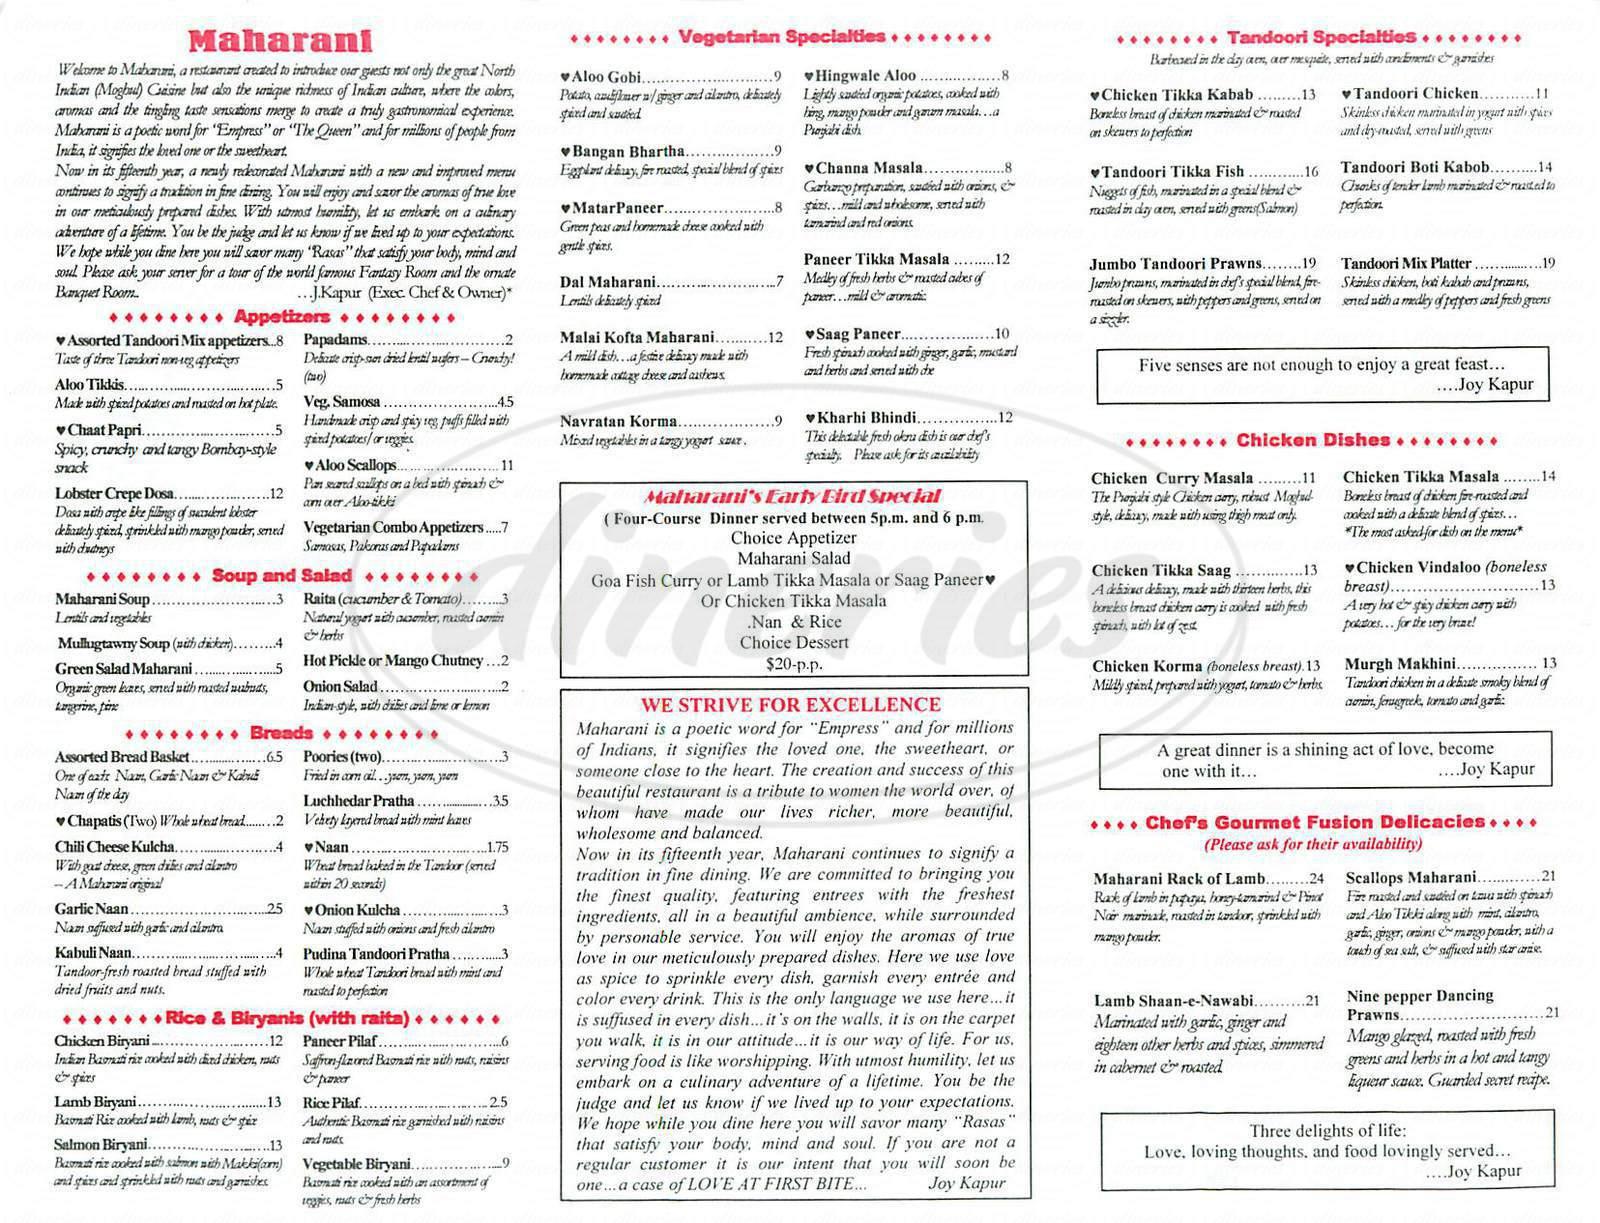 menu for Maharani